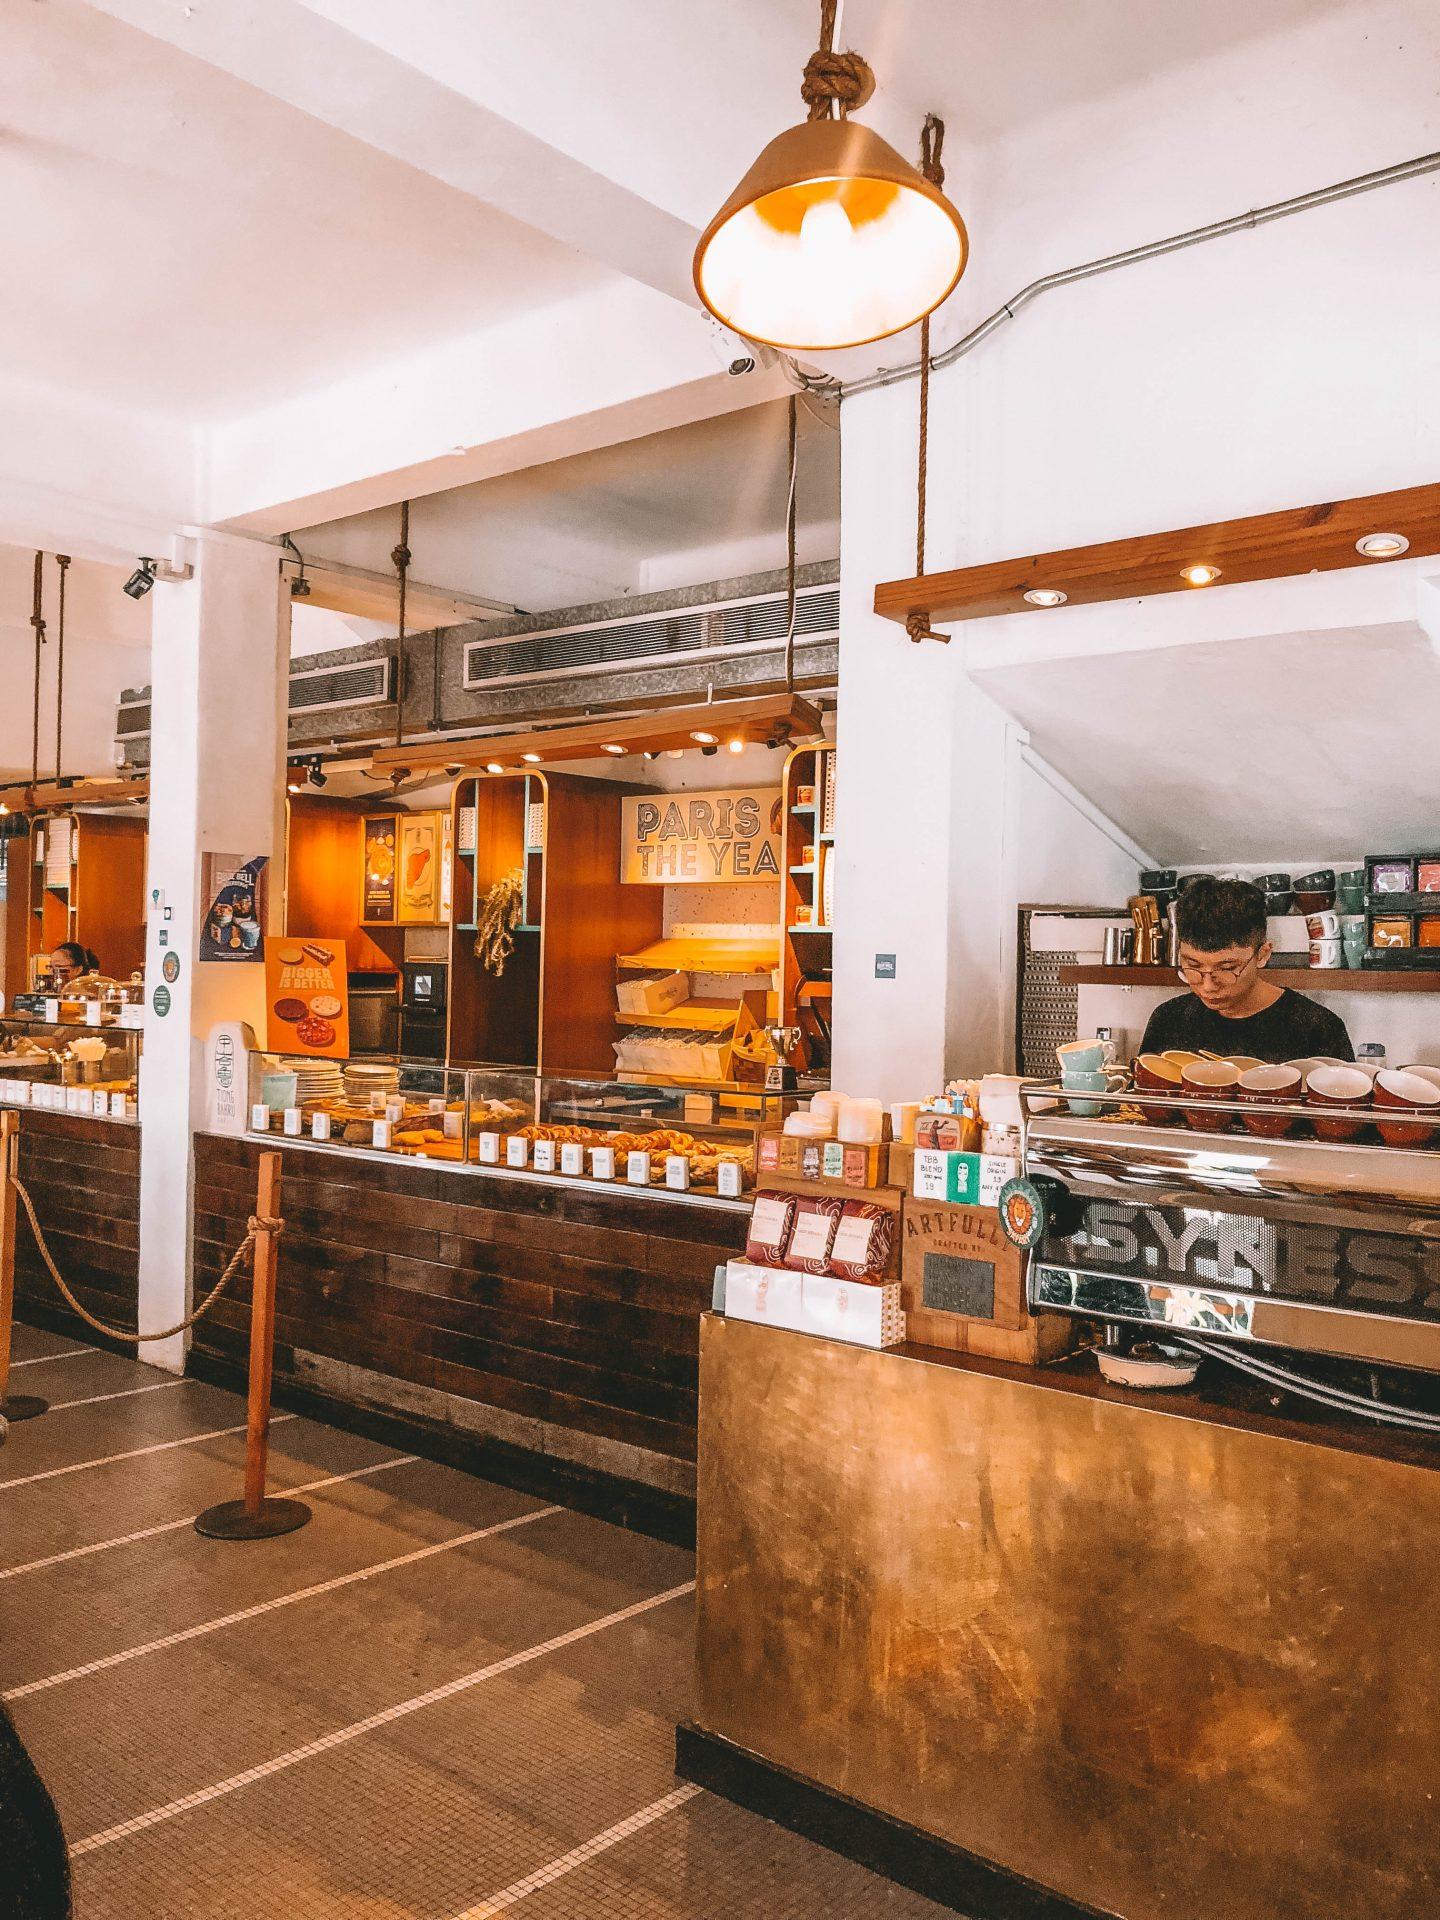 Thiong Bahru Bakery Singapour - Blondie Baby blog mode Paris et voyages